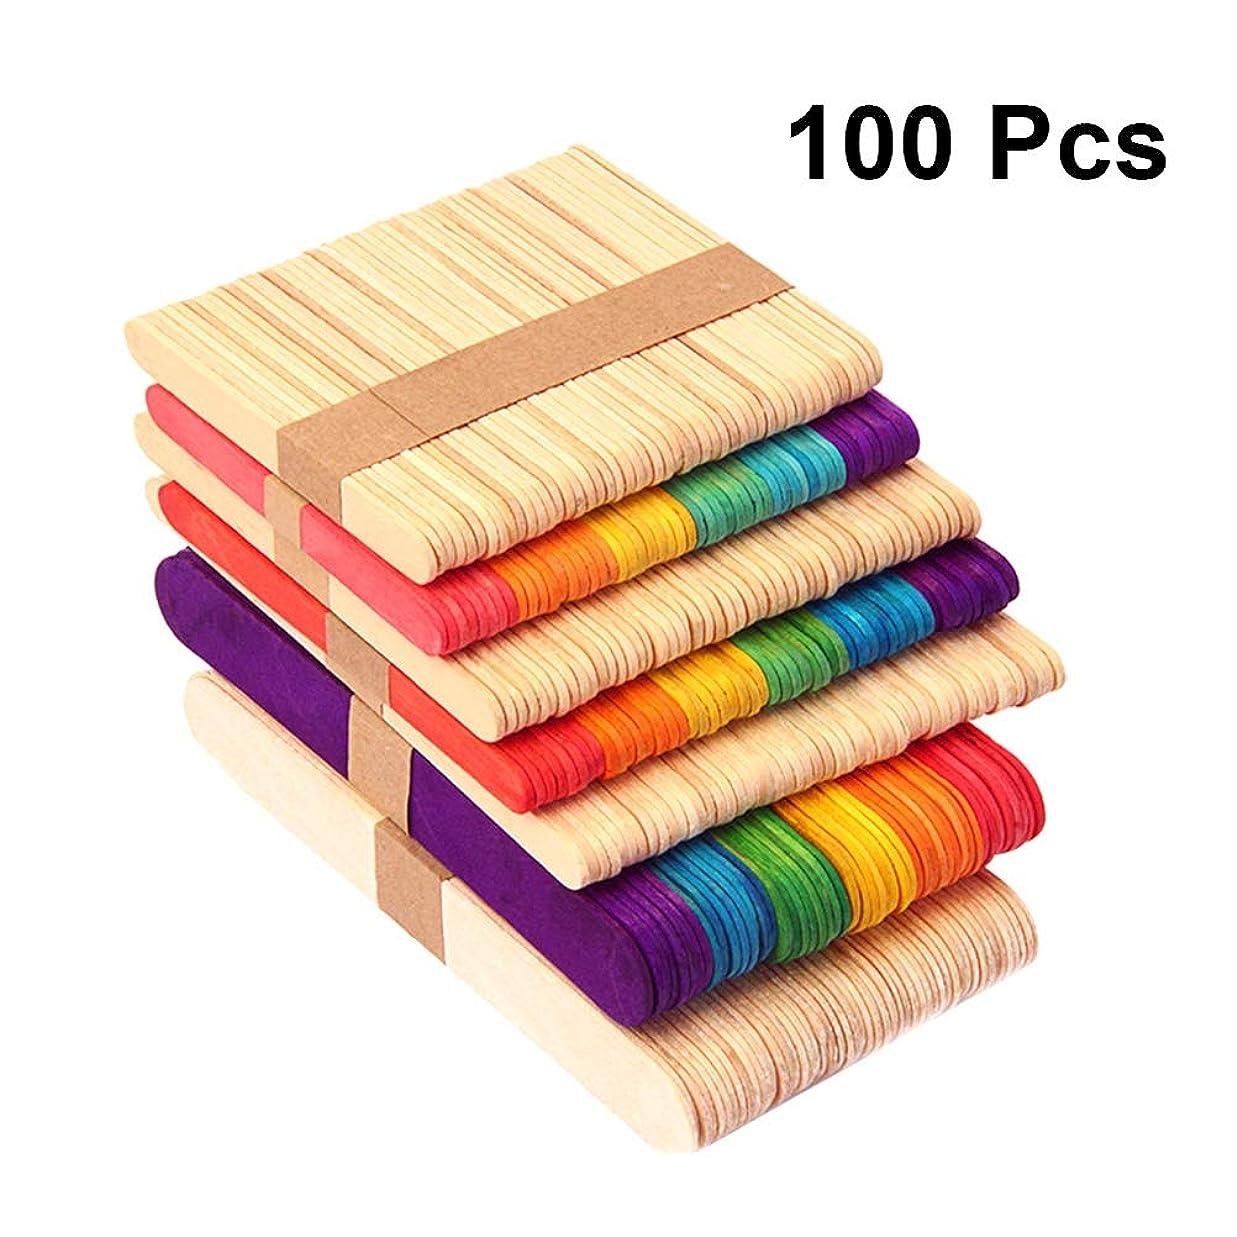 馬鹿ワームアスリート100ピース木製のクラフトスティック子供おもちゃ着色されたウッドスティック用diy工芸クリエイティブデザイン